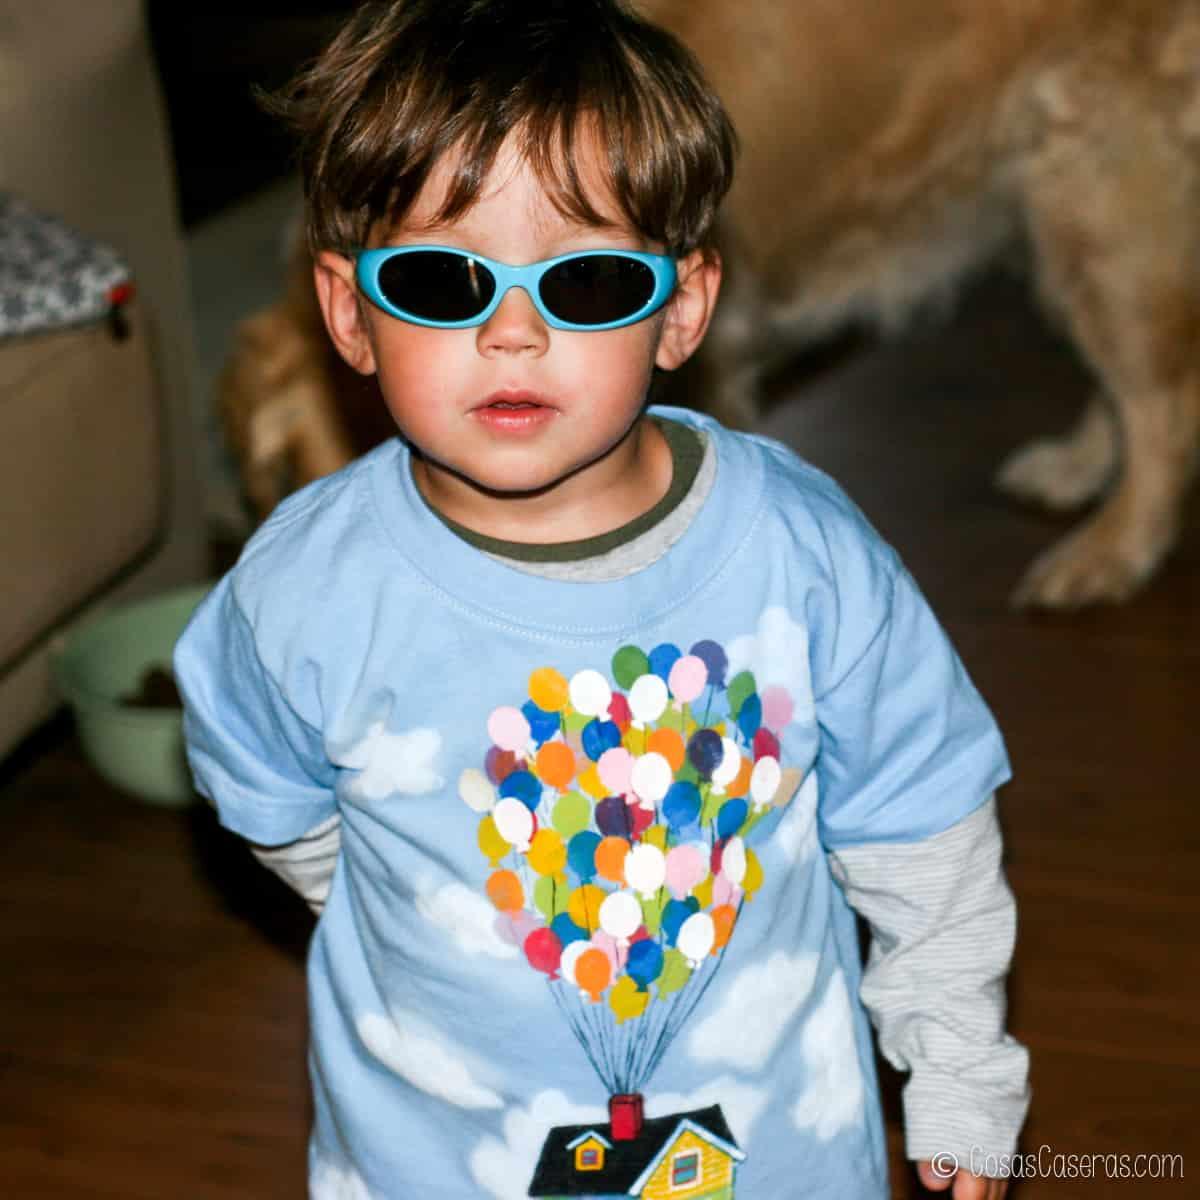 Niño con camiseta de globos